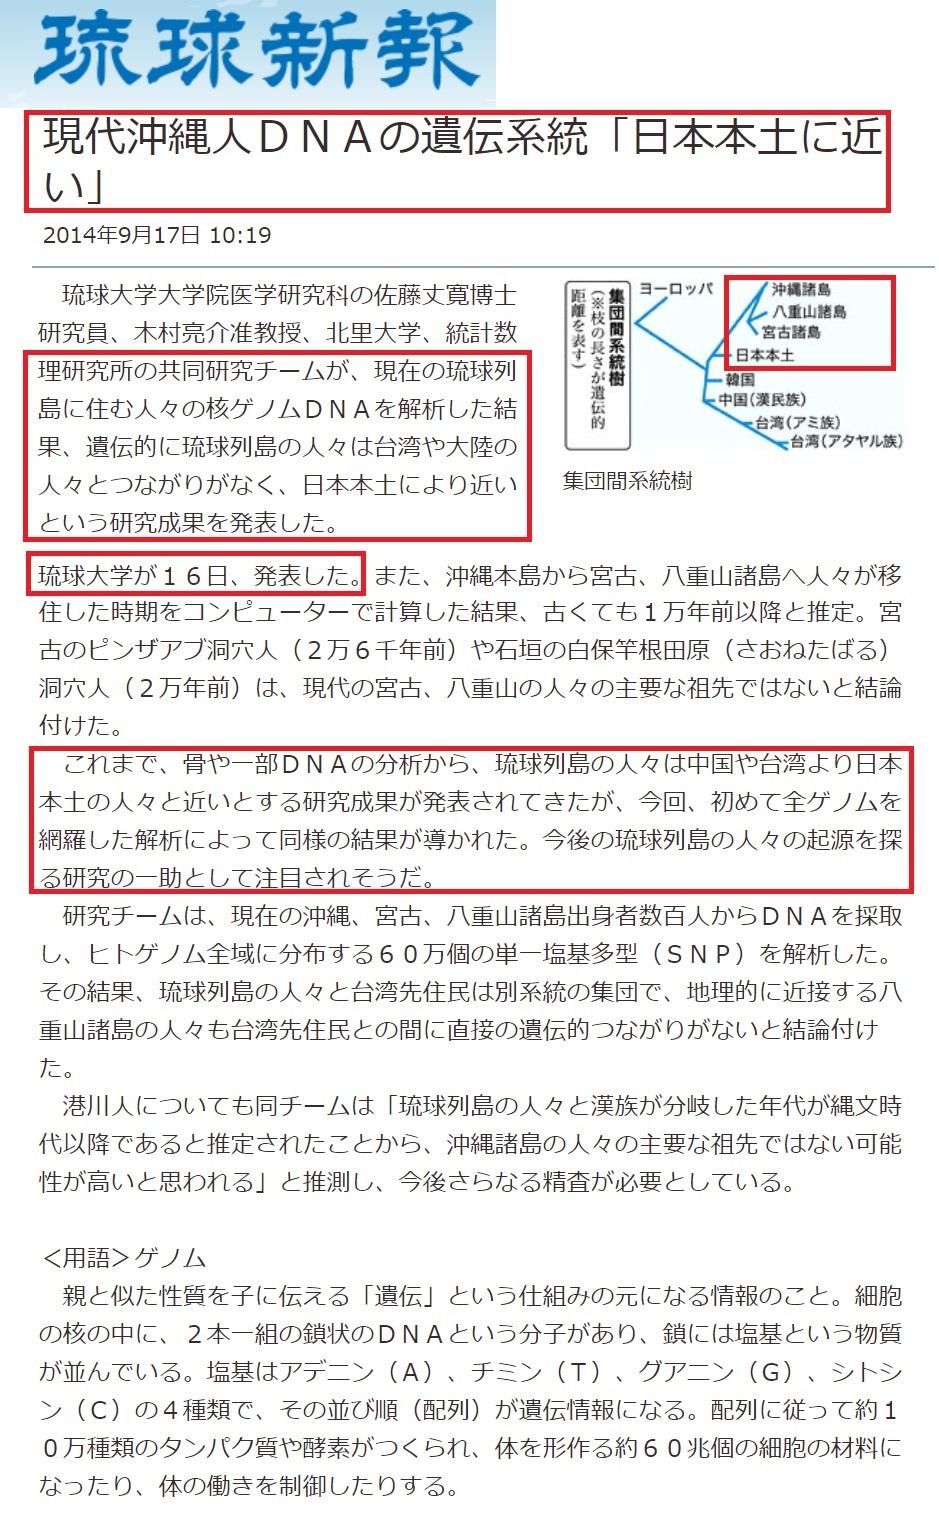 沖縄県民のルーツは日本 大陸人説や南方系説を否定2